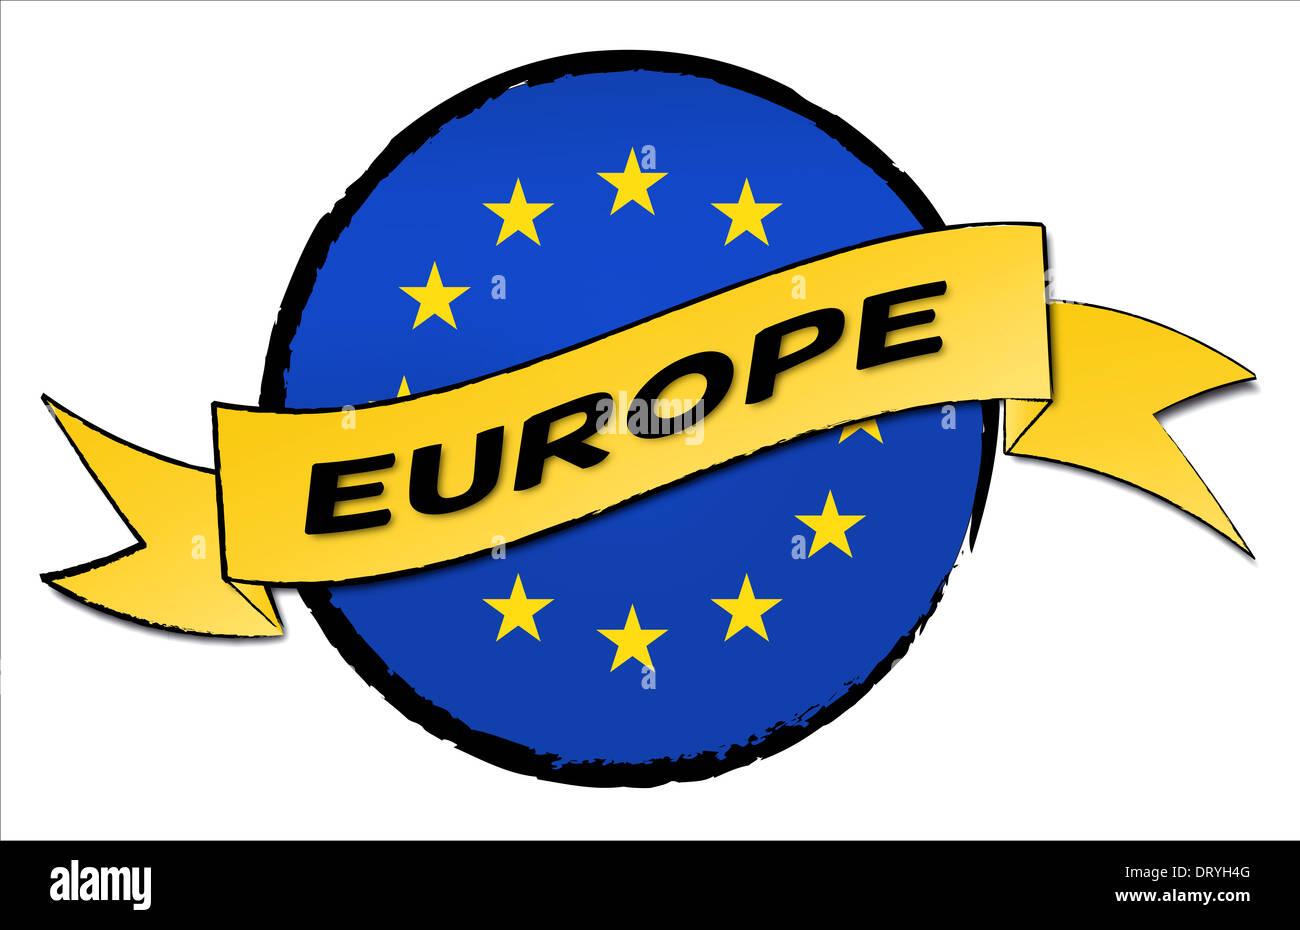 Circle Land - Europe - Stock Image